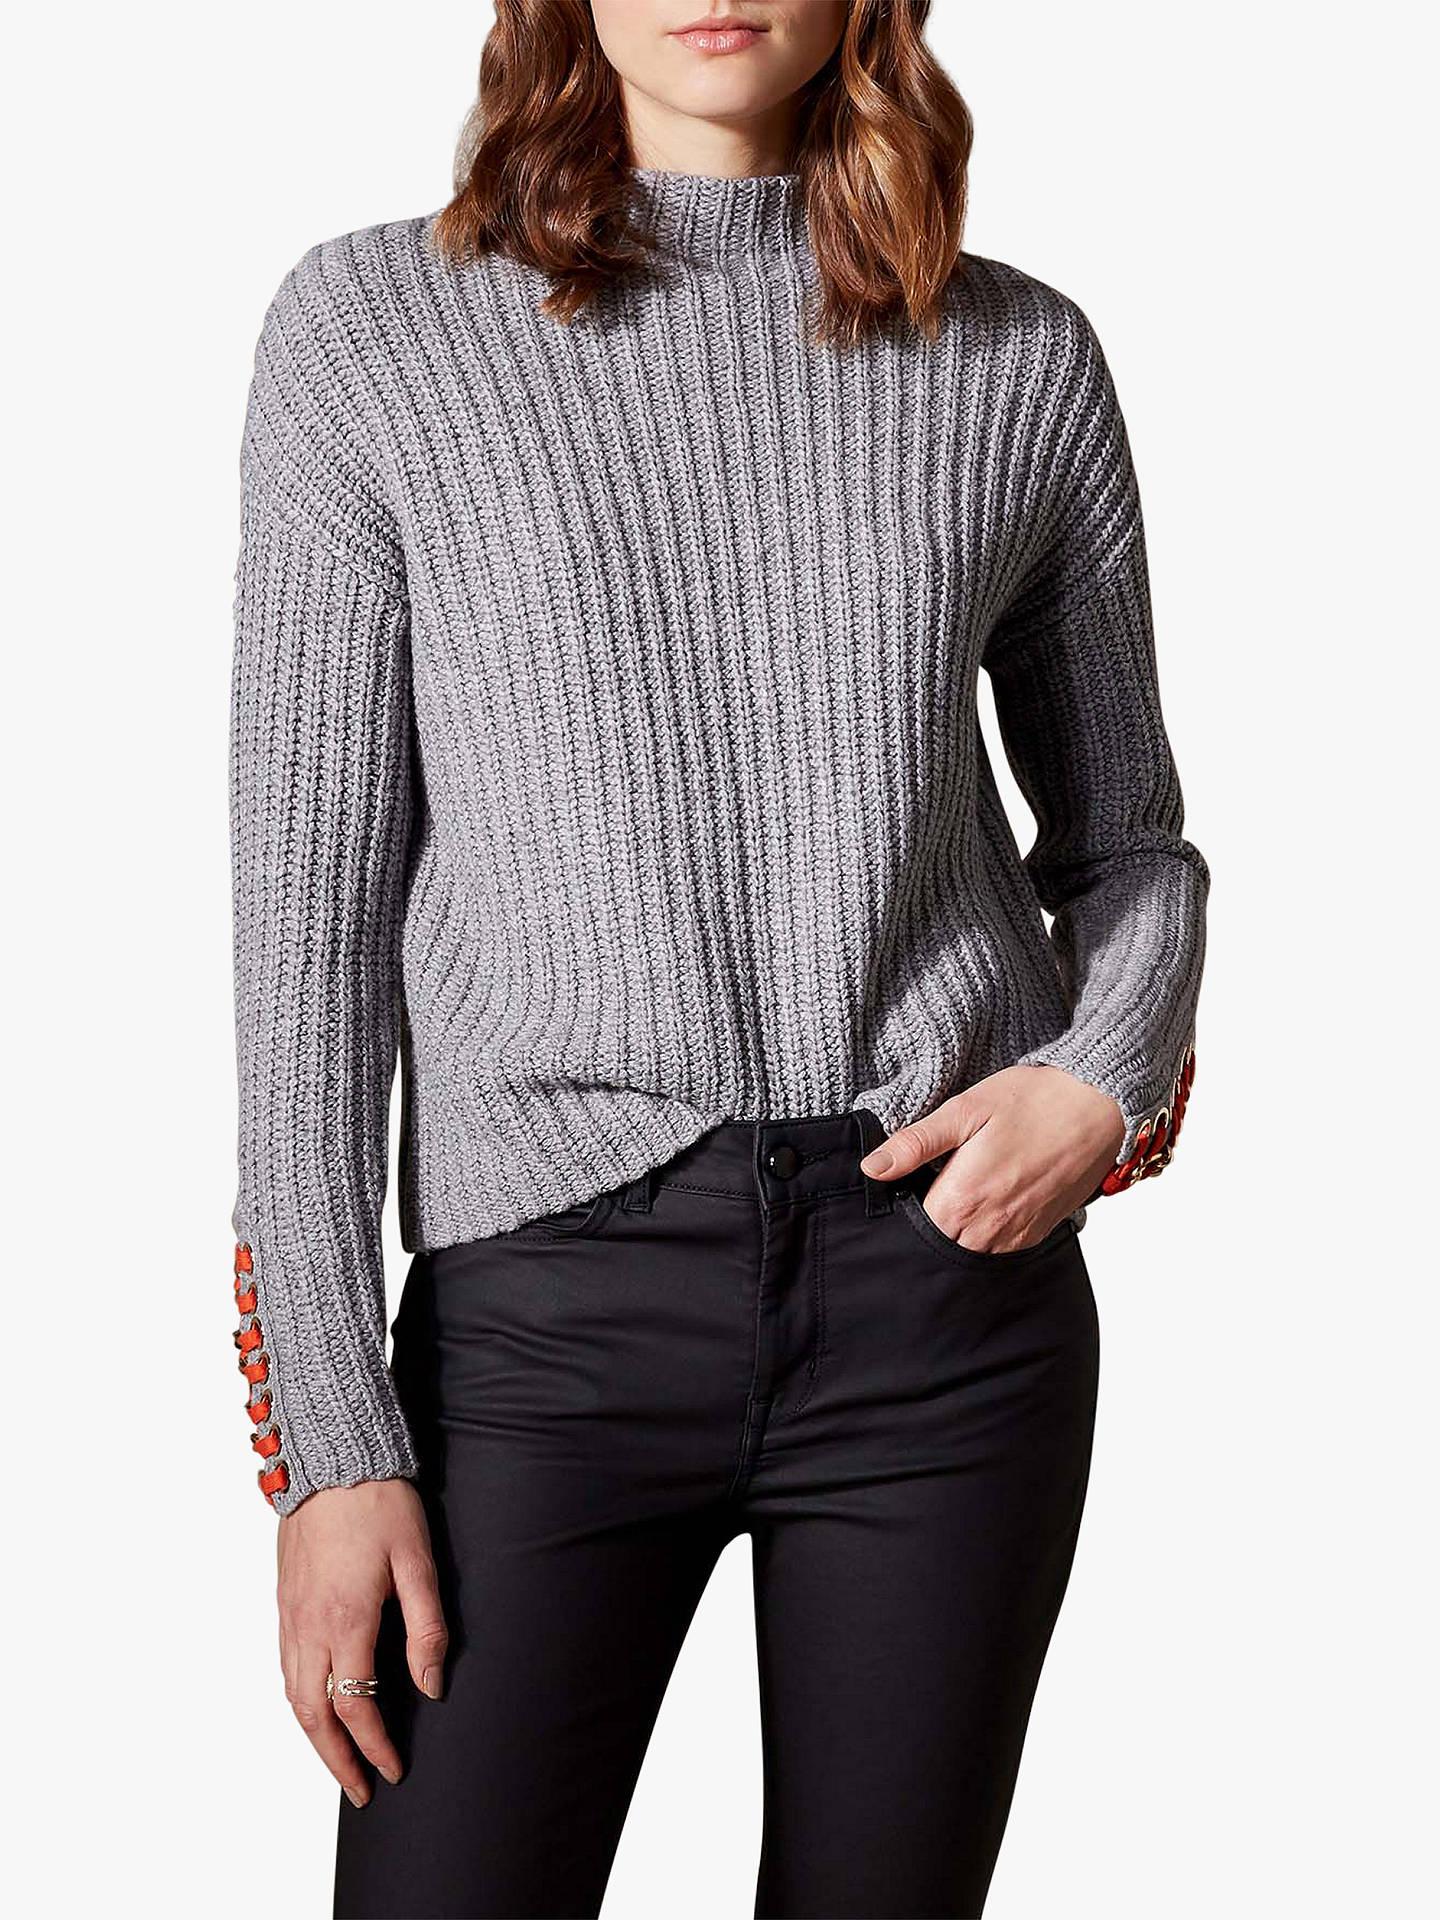 c49de9da099 Buy Karen Millen Tie Cuff Rib Knit Jumper, Grey, L Online at johnlewis.